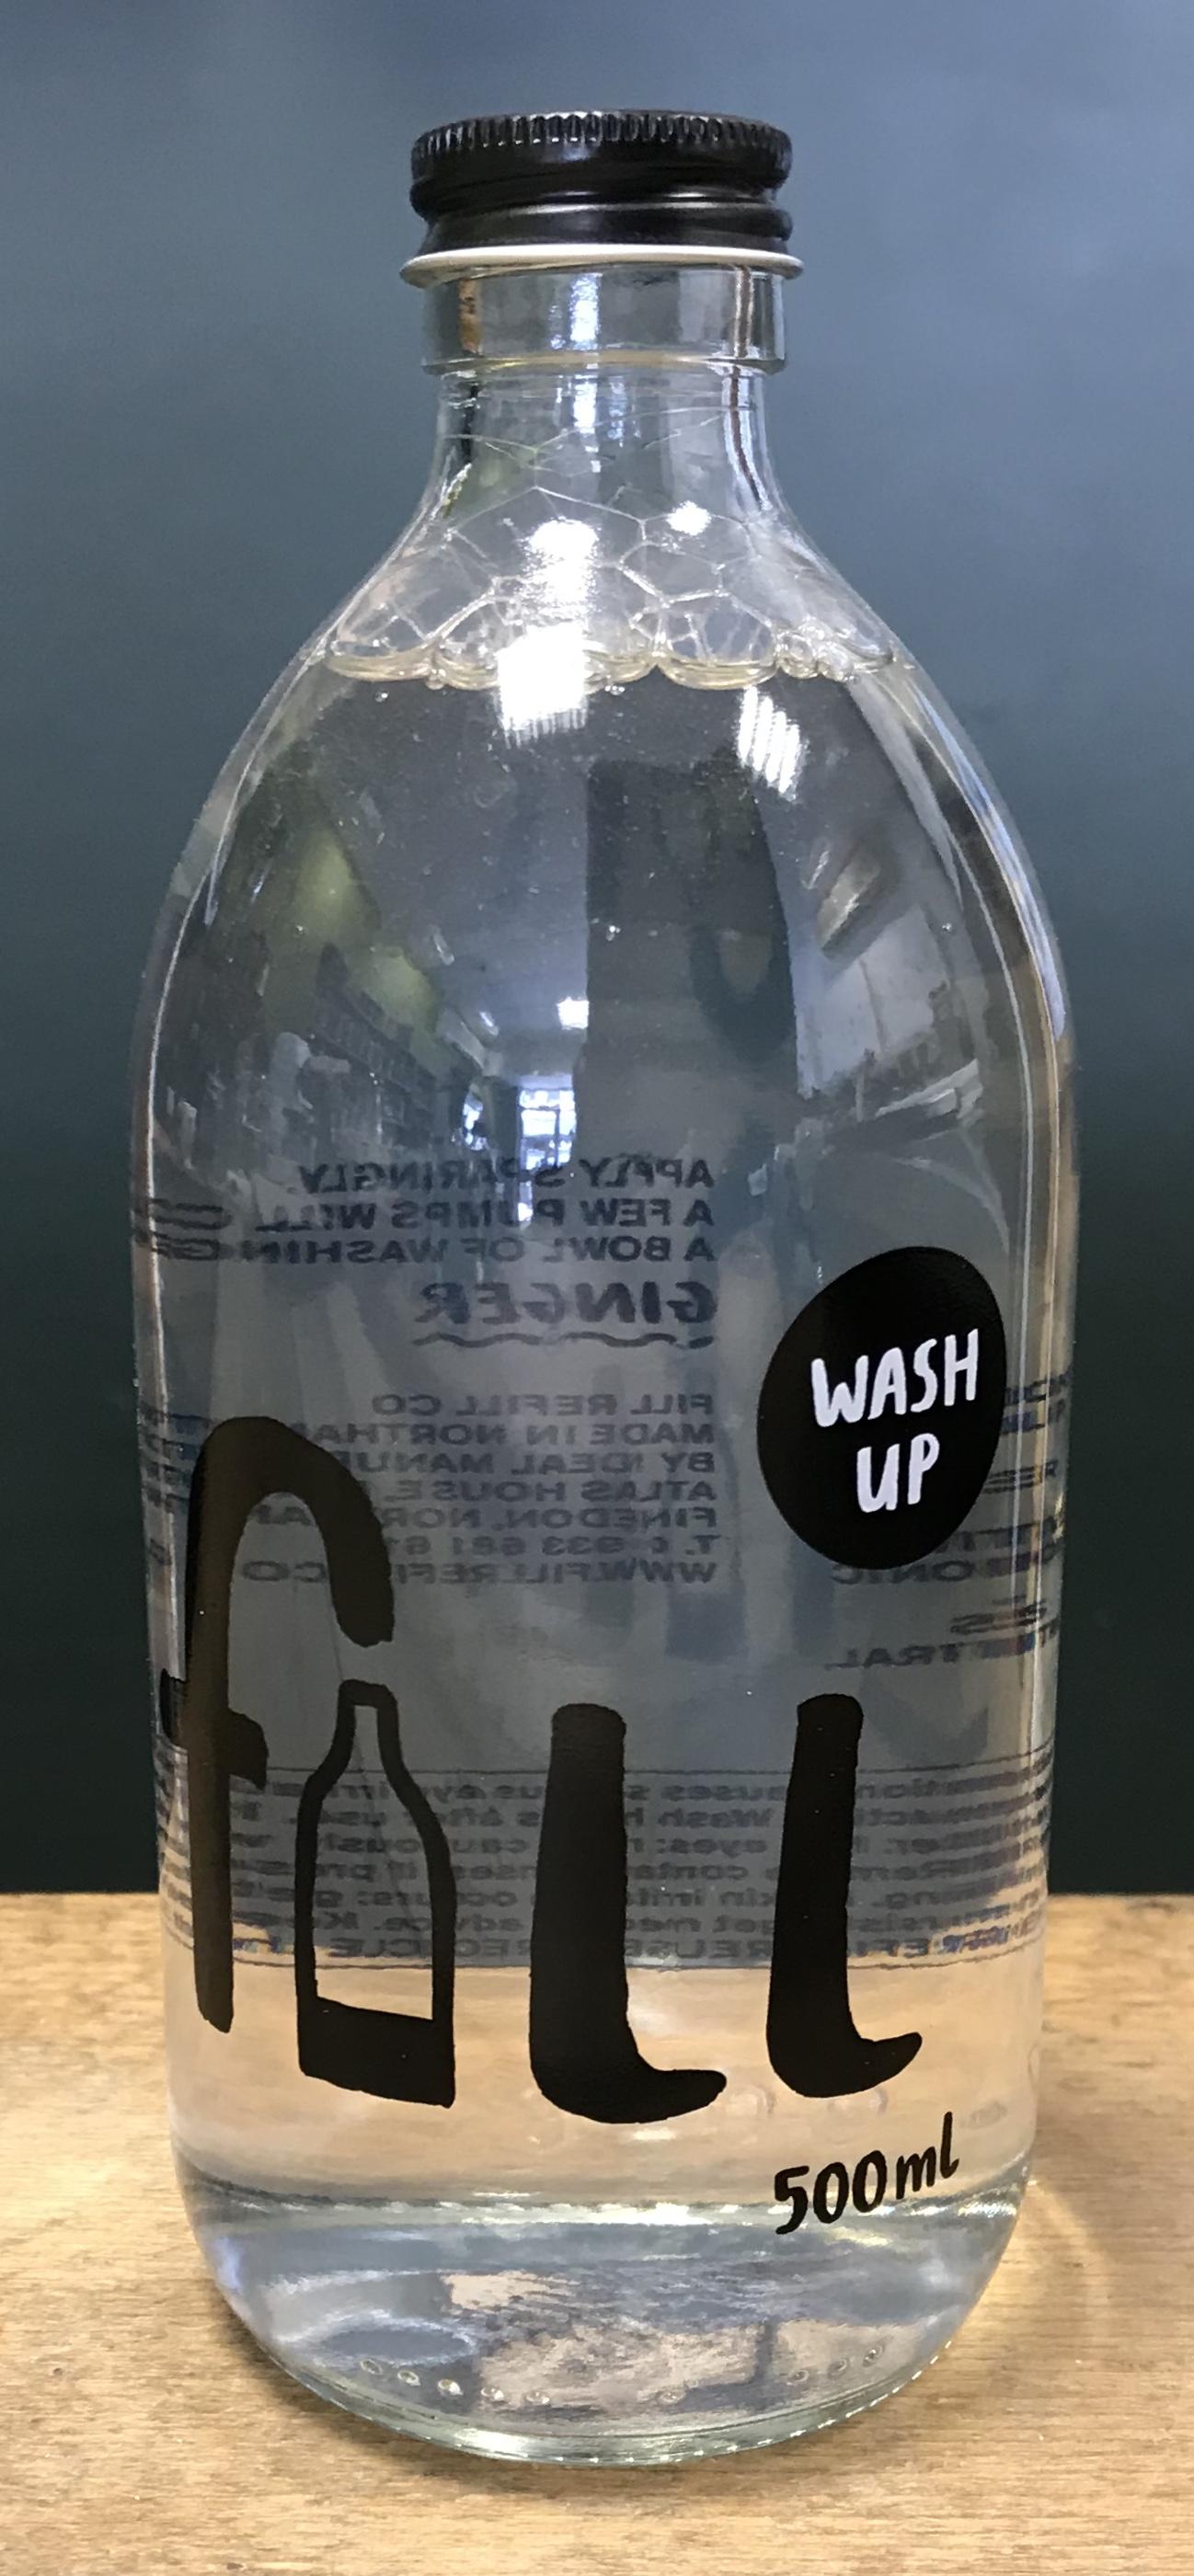 Wash Up 500ml Bottle